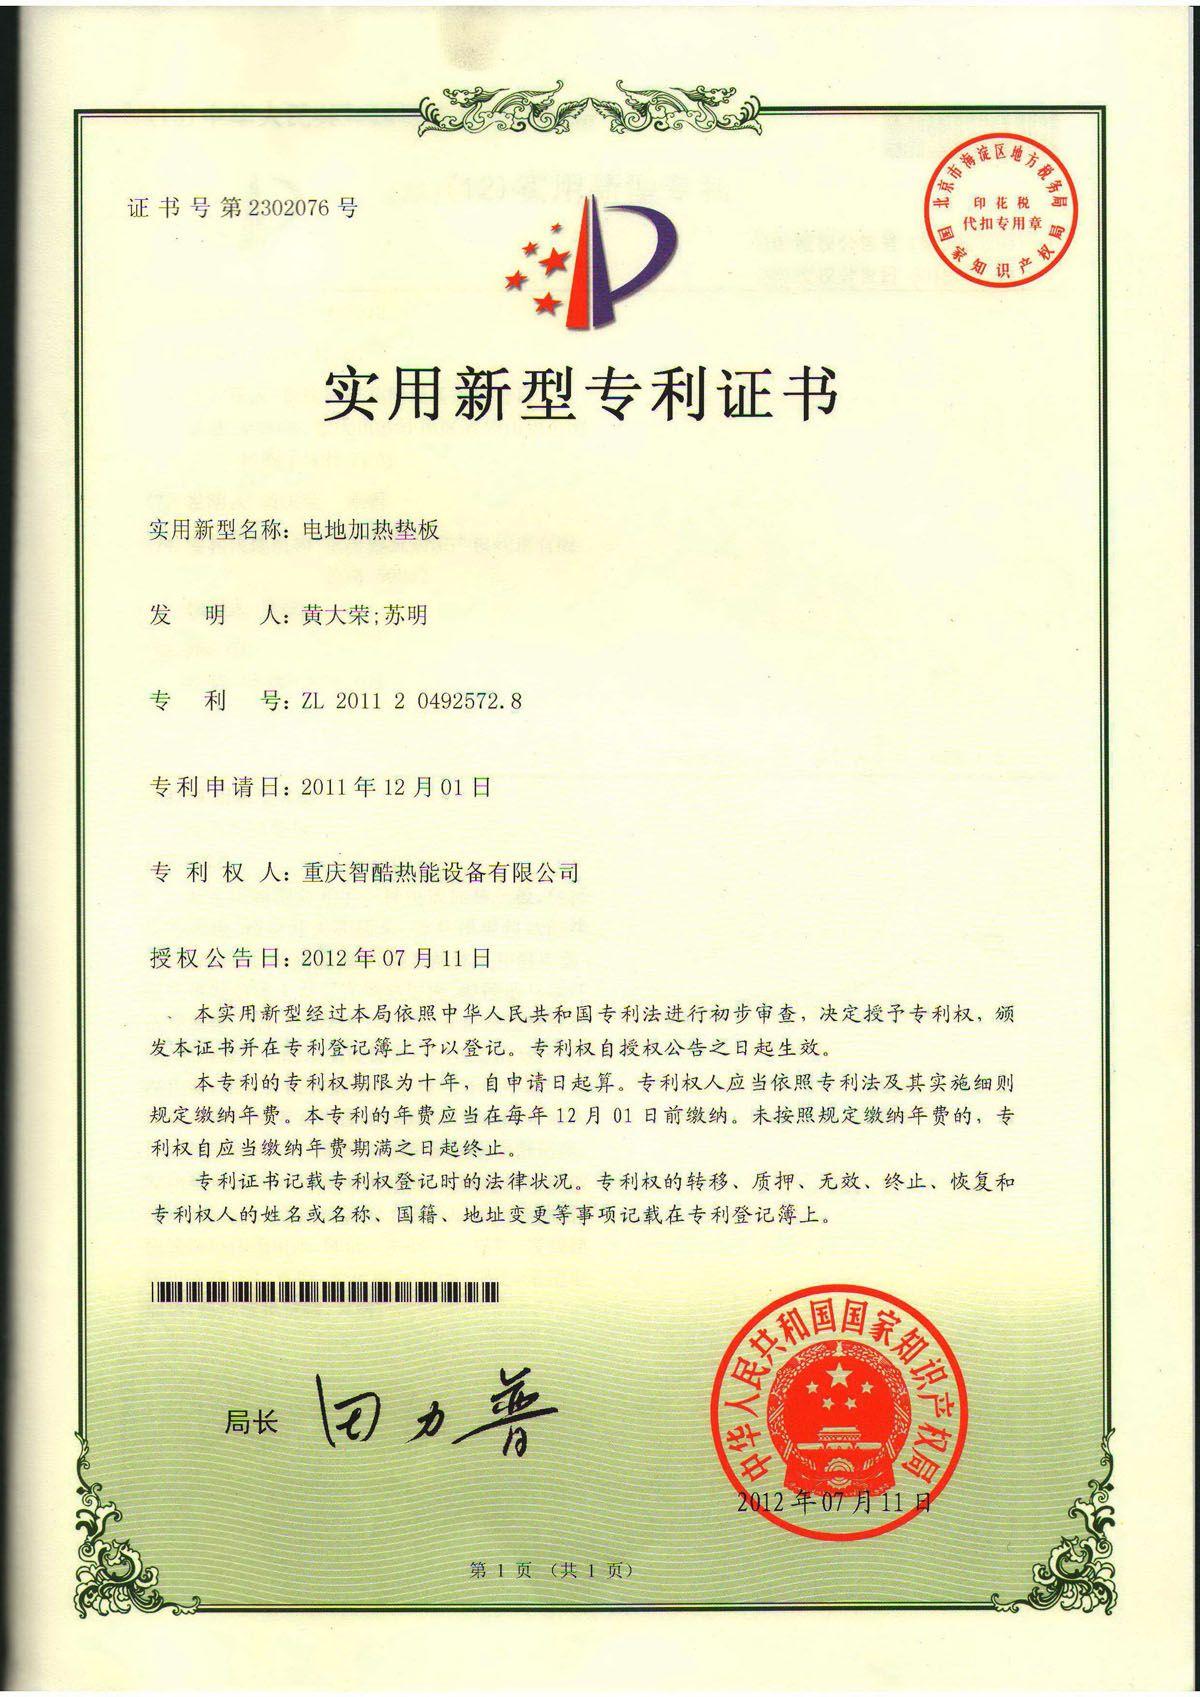 電地加熱地板實用新型專利證書